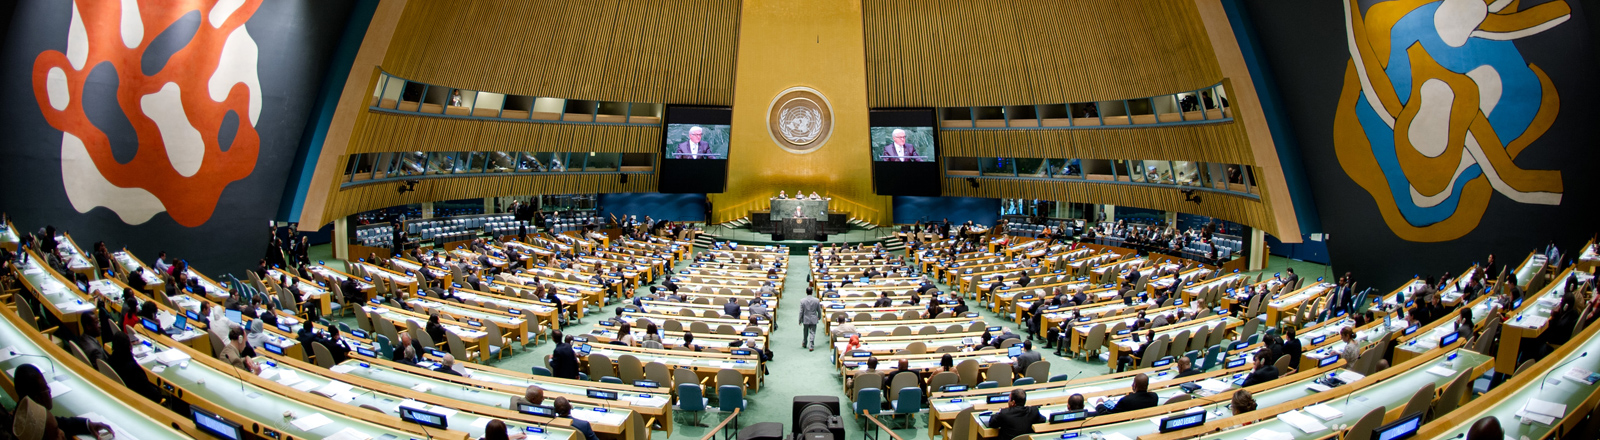 Bundesaußenminister Frank-Walter Steinmeier hält am 27.09.2014 in New York (USA) vor den Vereinten Nationen seine Rede. Mehr als 140 Staats- und Regierungschefs kommen in New York zur UN-Generalversammlung zusammen.